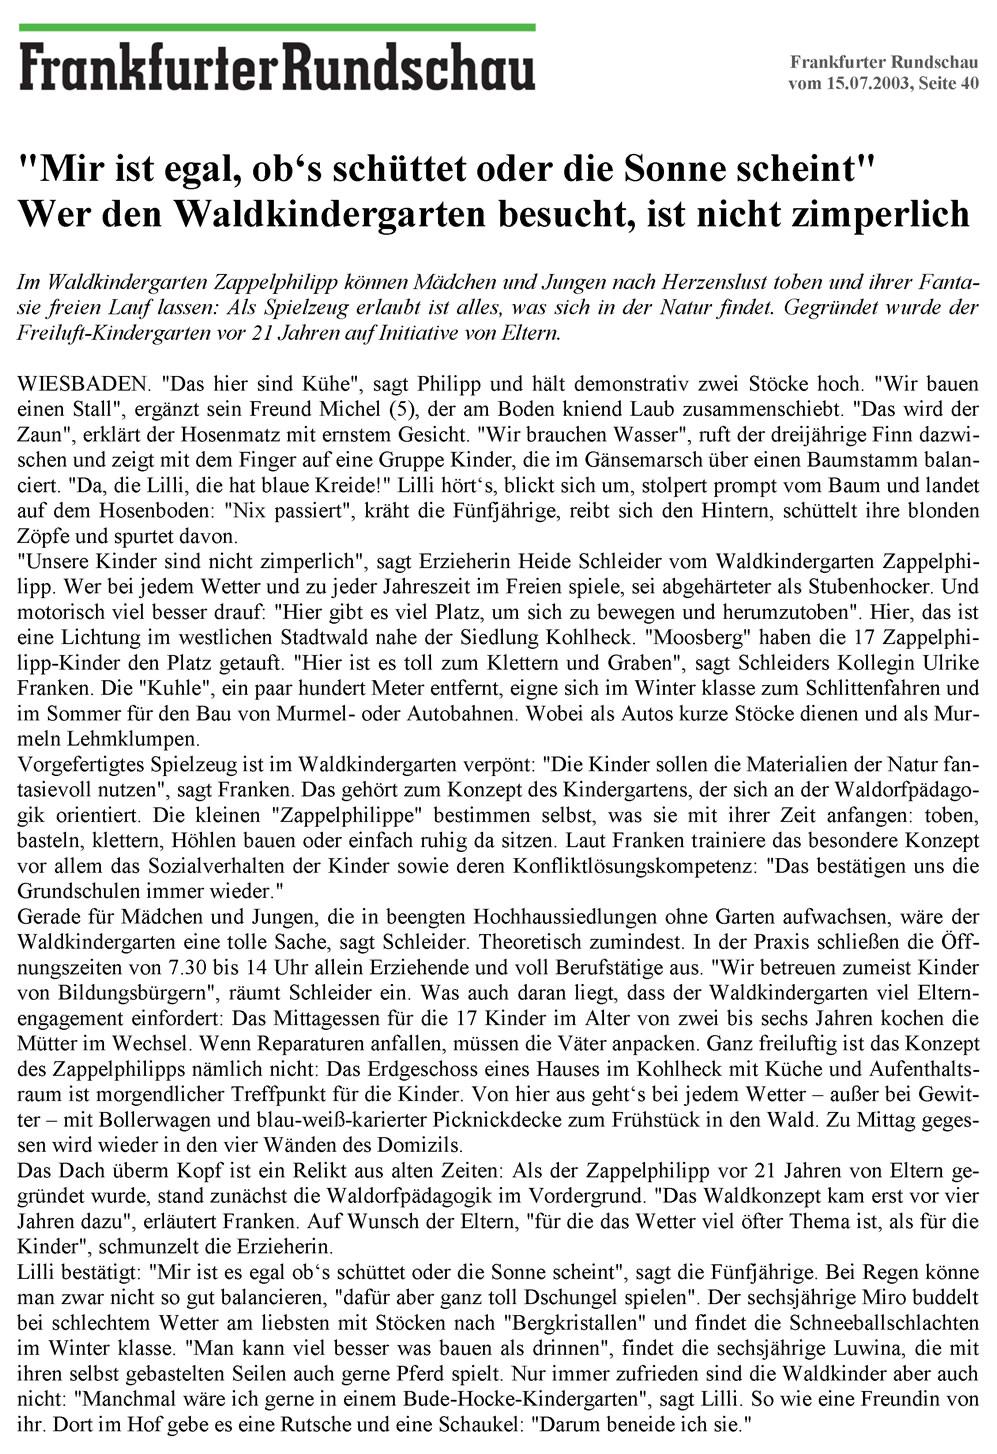 Frankfurter Rundschau Wiesbaden